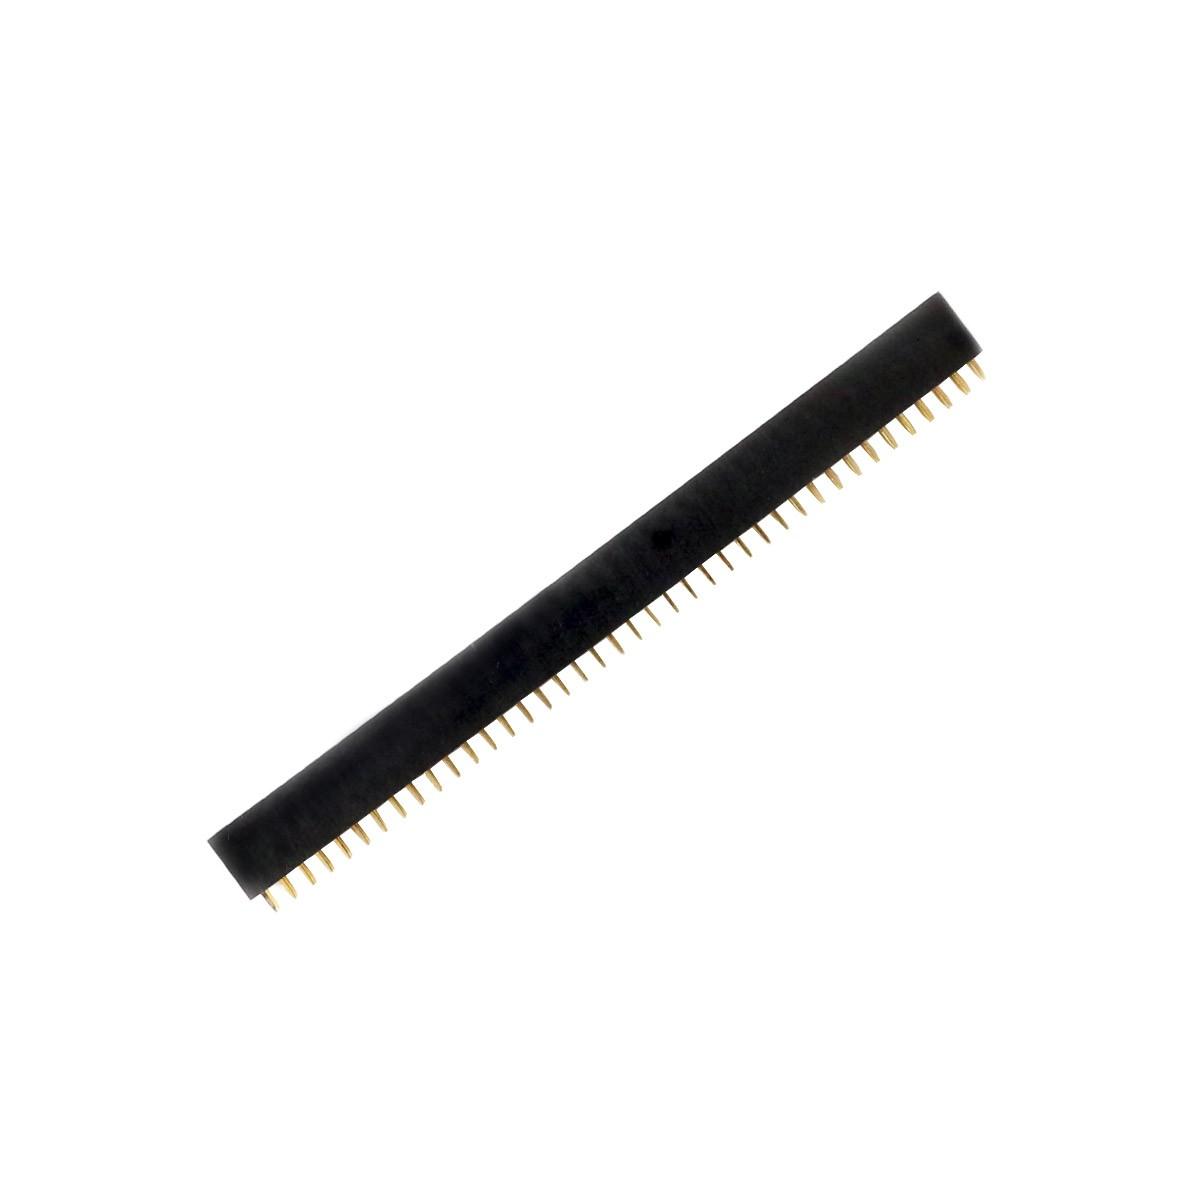 Connecteur Barrette 2.54mm Mâle / Femelle 2x40 Pôles 3mm (Unité)